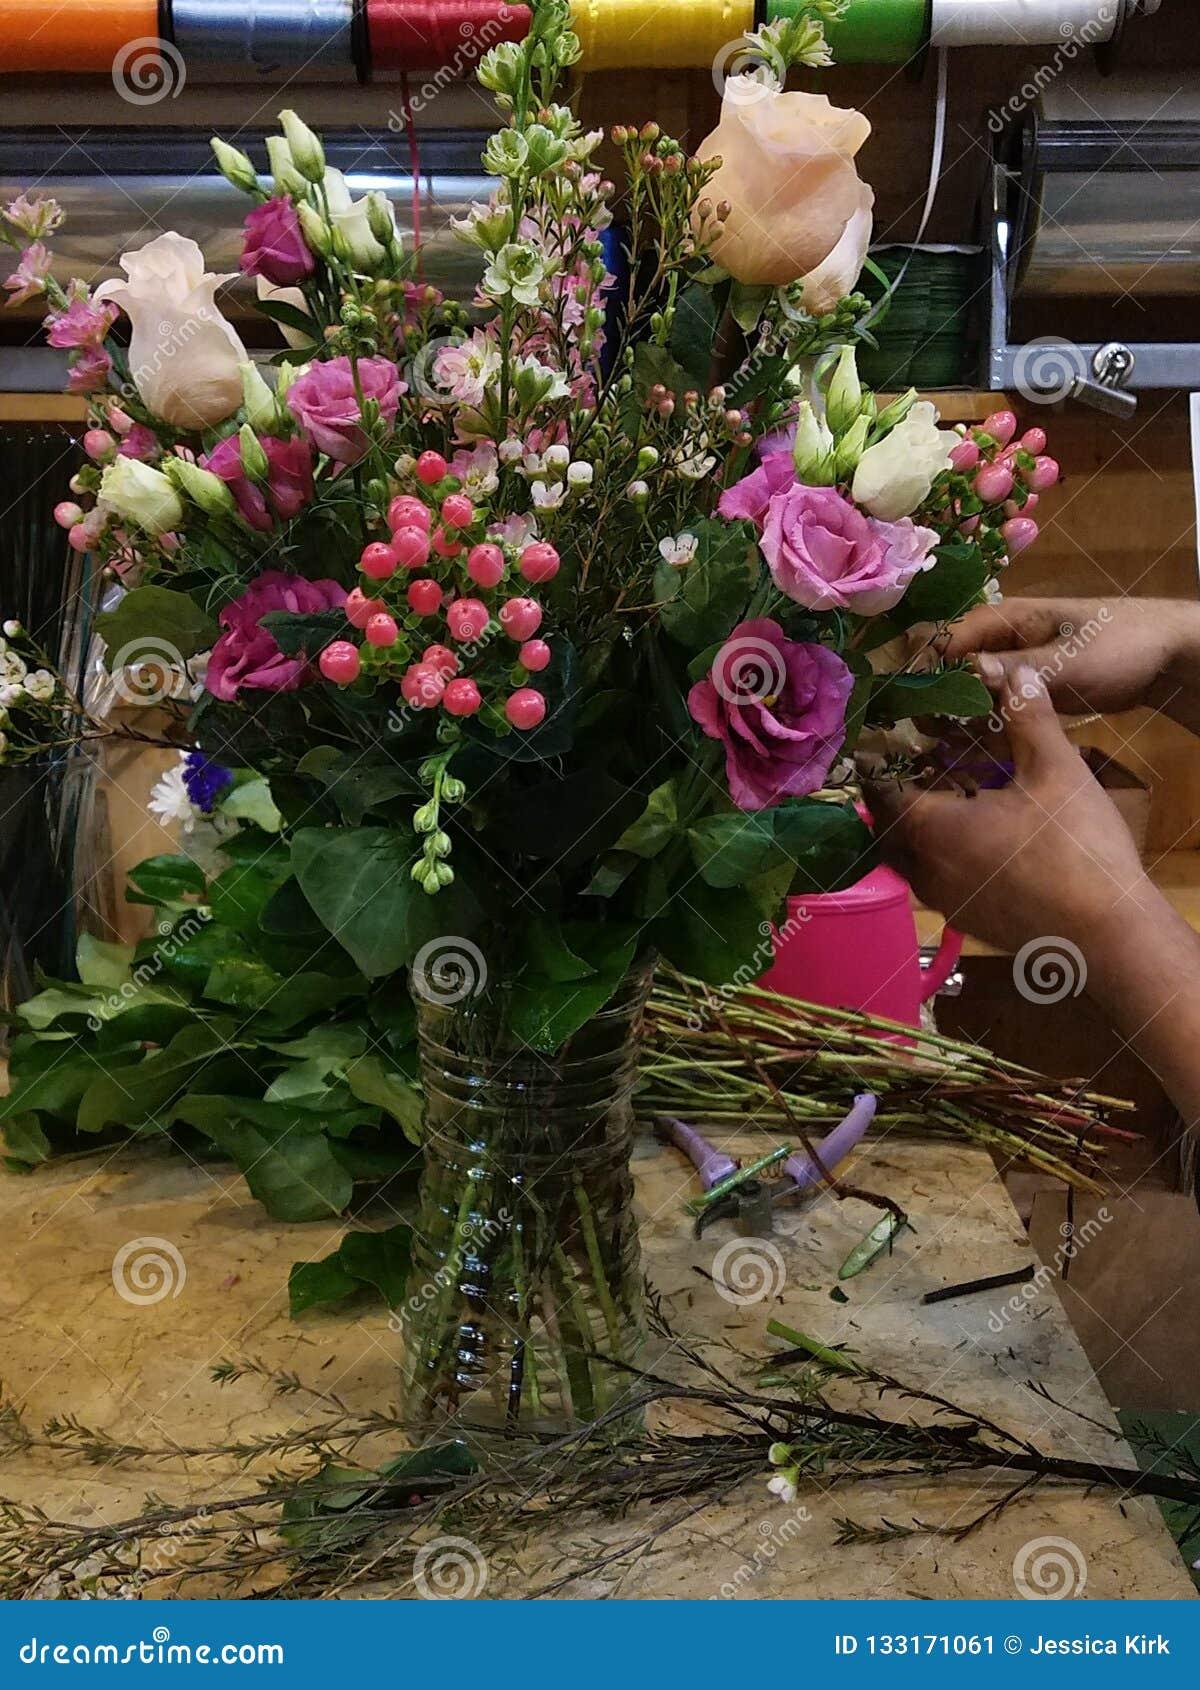 Crear un ramo floral con colores rosados mezclados en la floristería Manos del florista que trabajan pertenencia étnica diversa